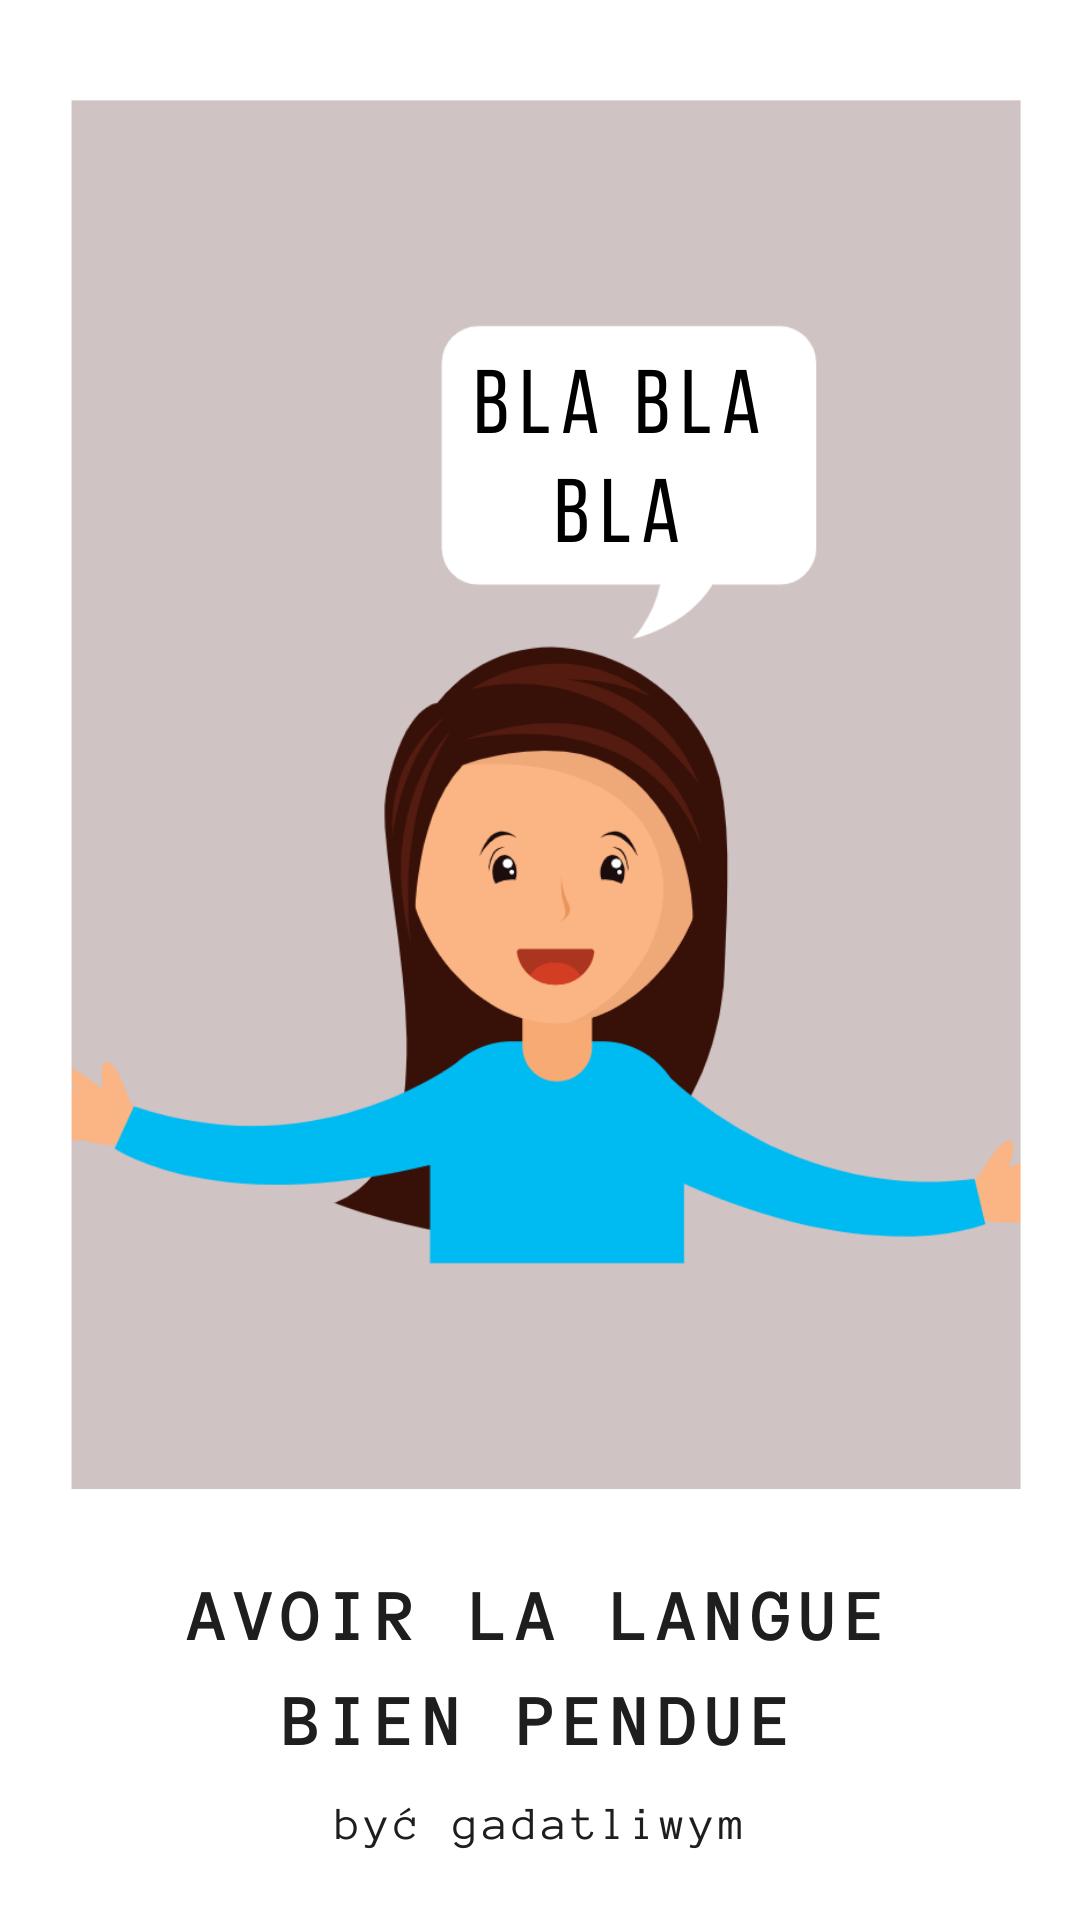 nauka francuskiego, wyrażenia ze słowem język - la langue,